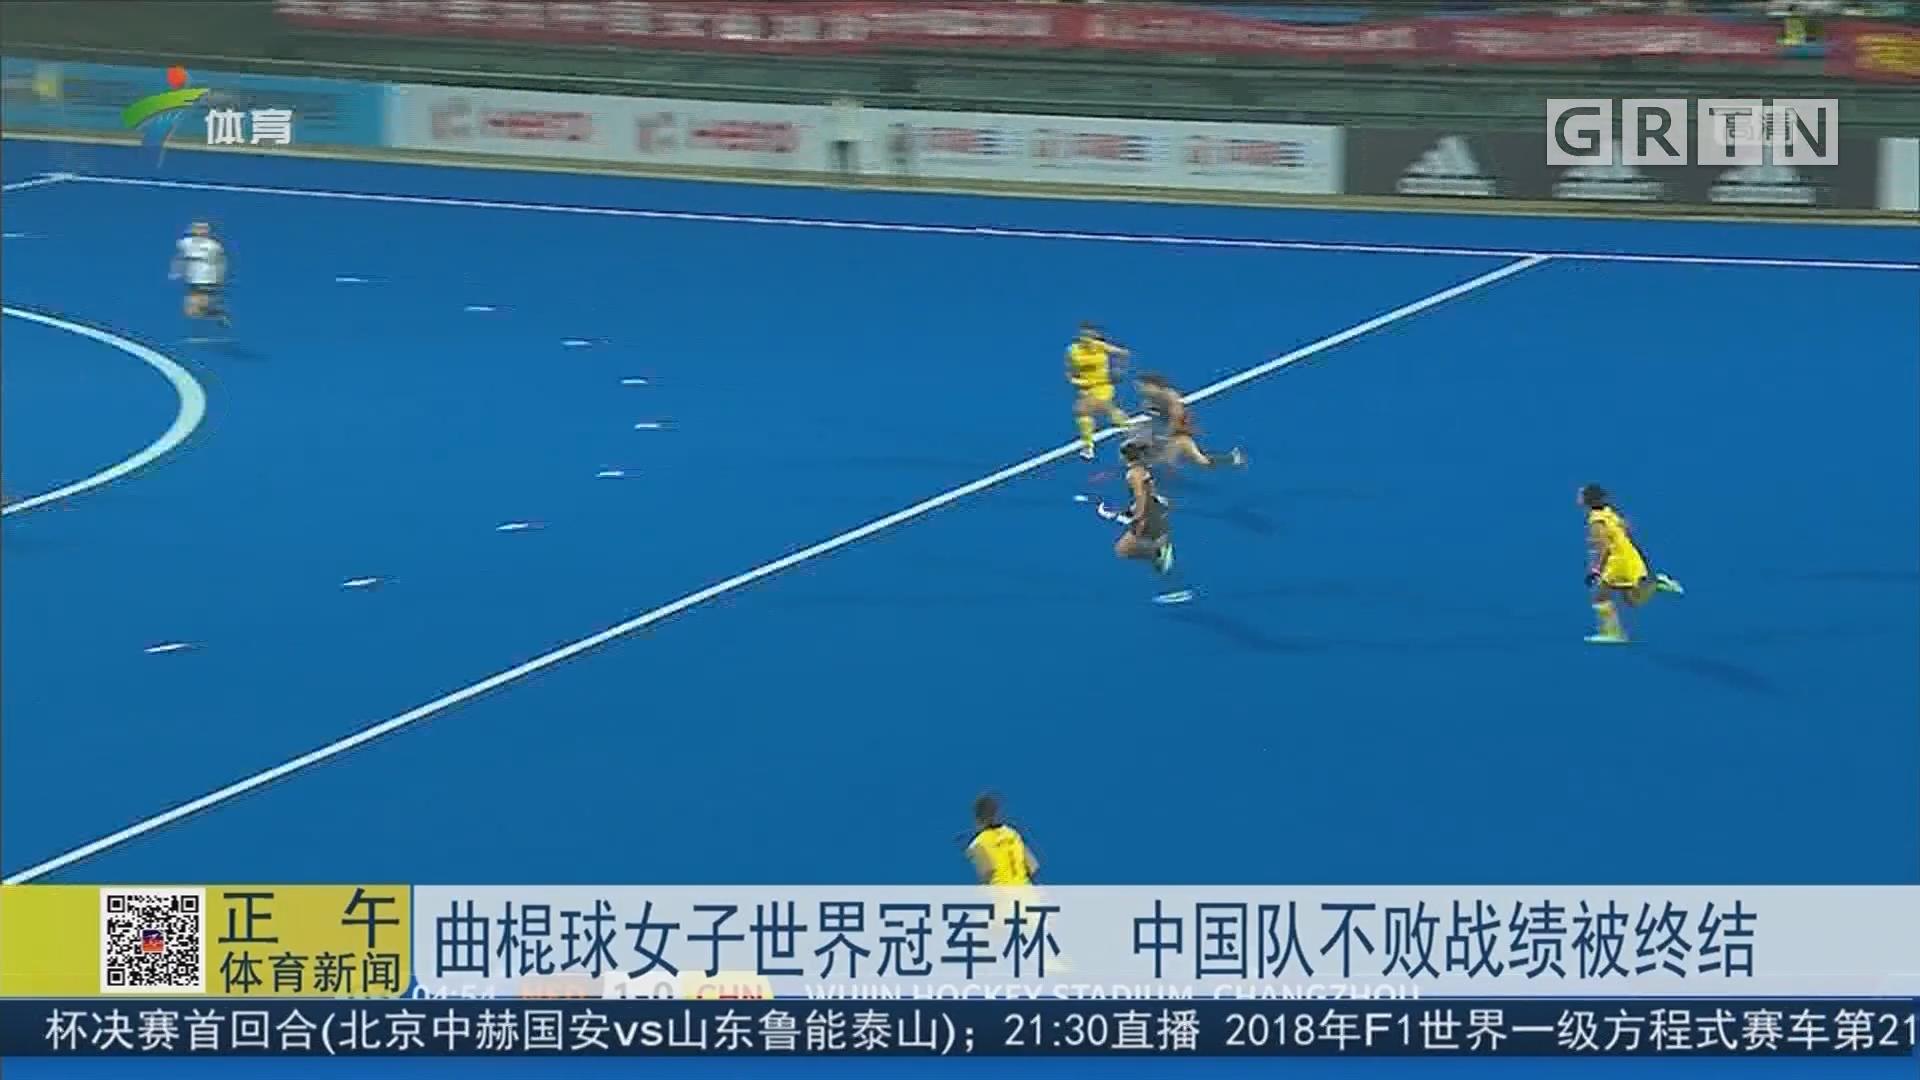 曲棍球女子世界冠军杯 中国队不败战绩被终结